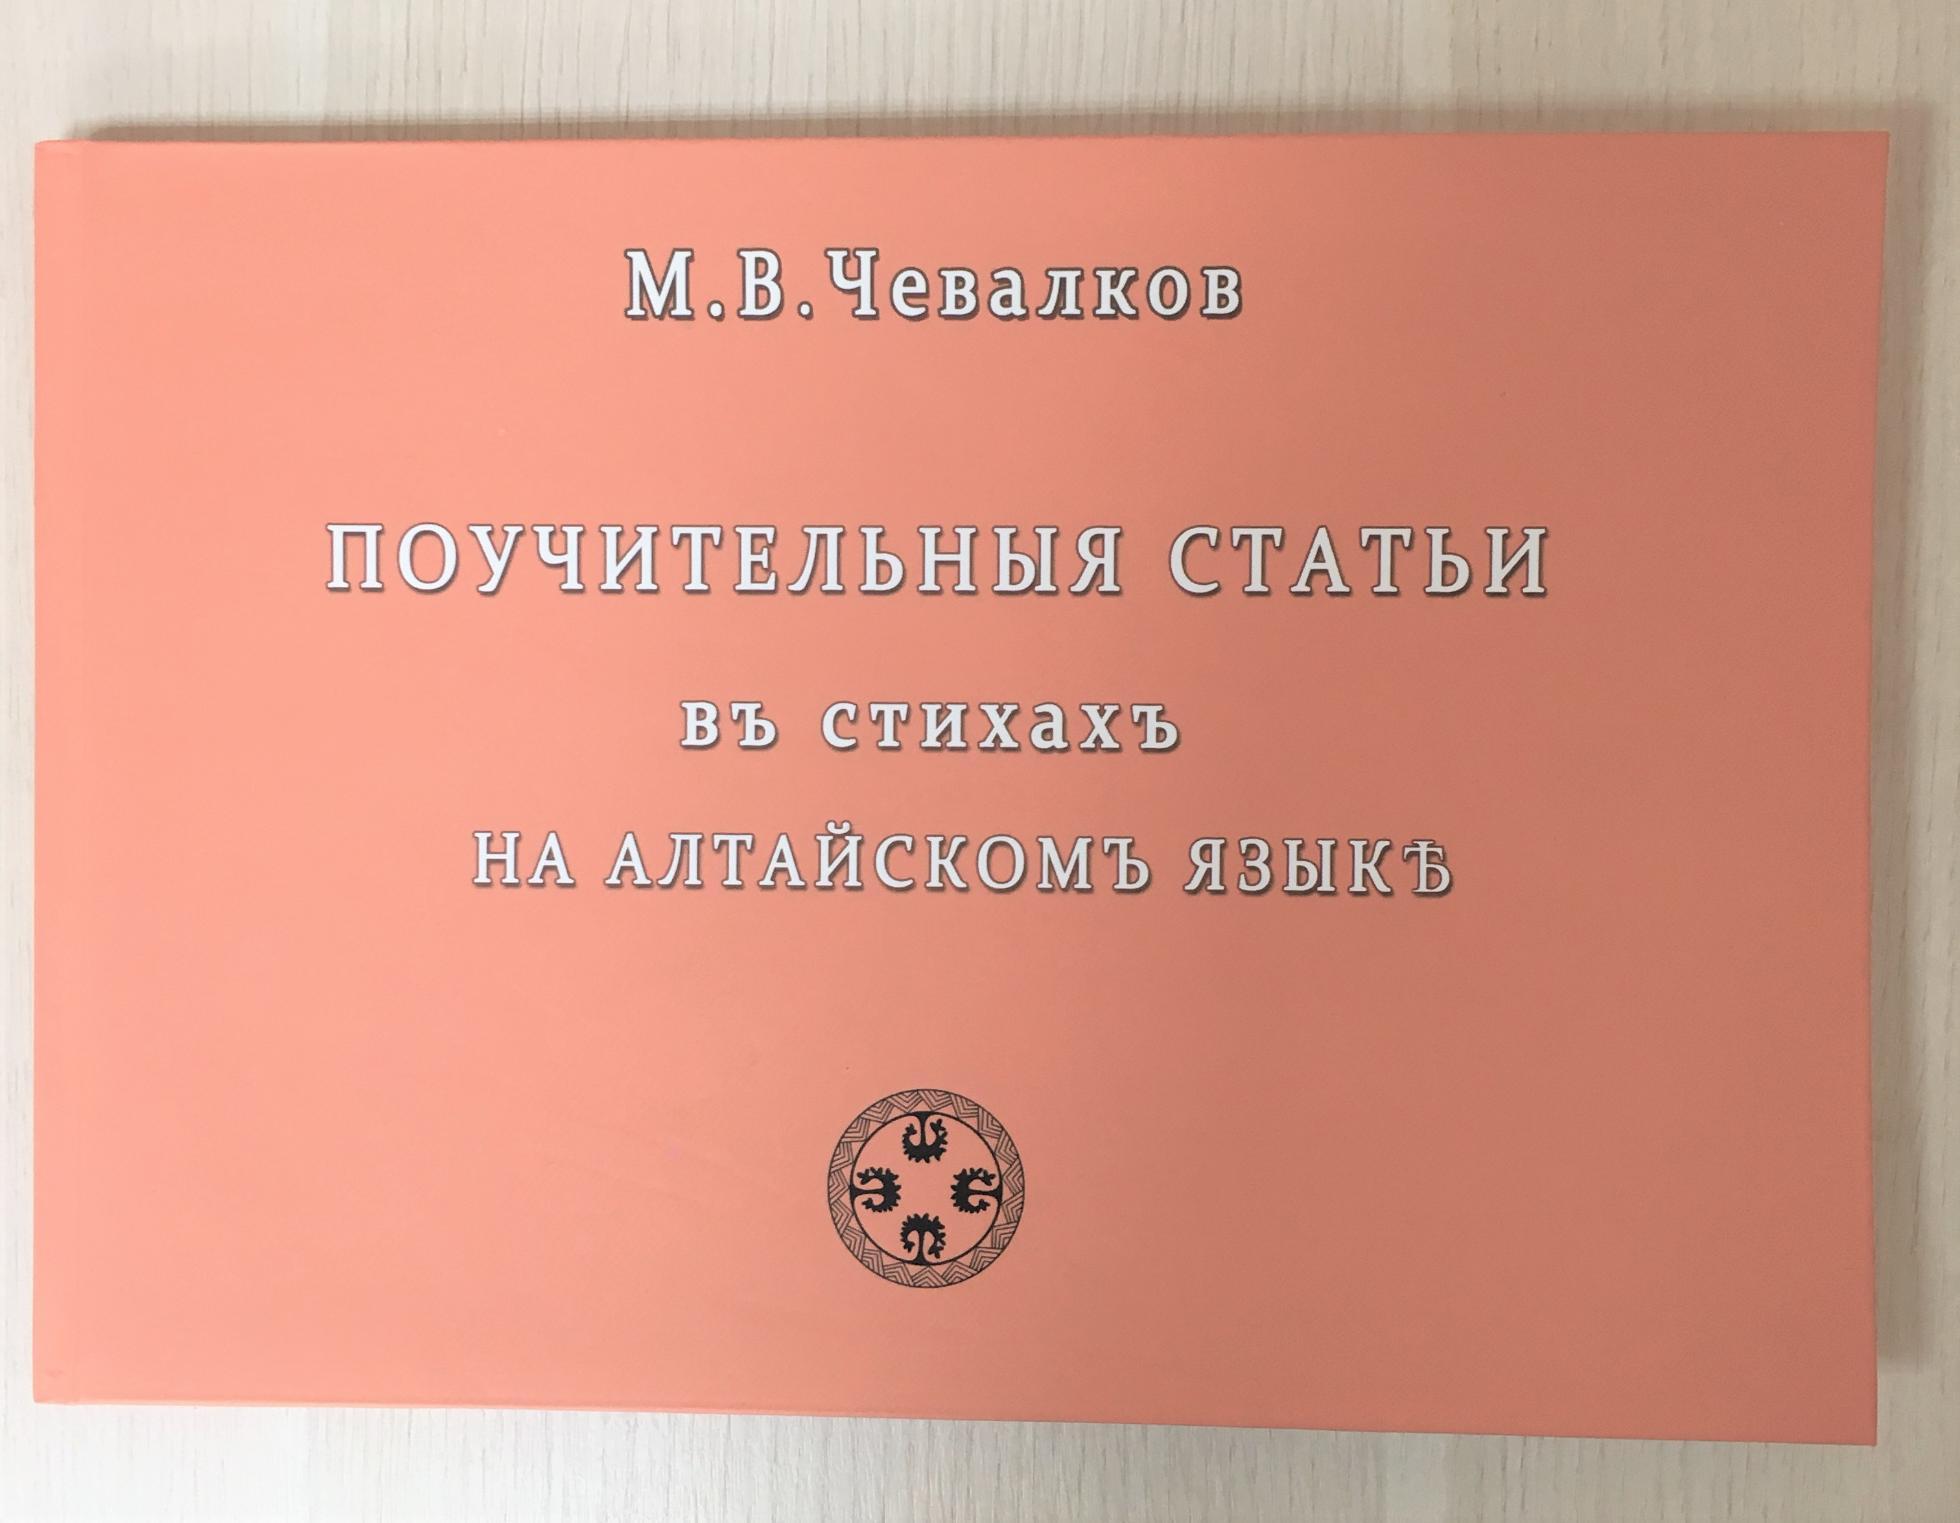 Вышла в свет книга «Поучительные статьи в стихах на алтайском языке» Михаила Васильевича Чевалкова